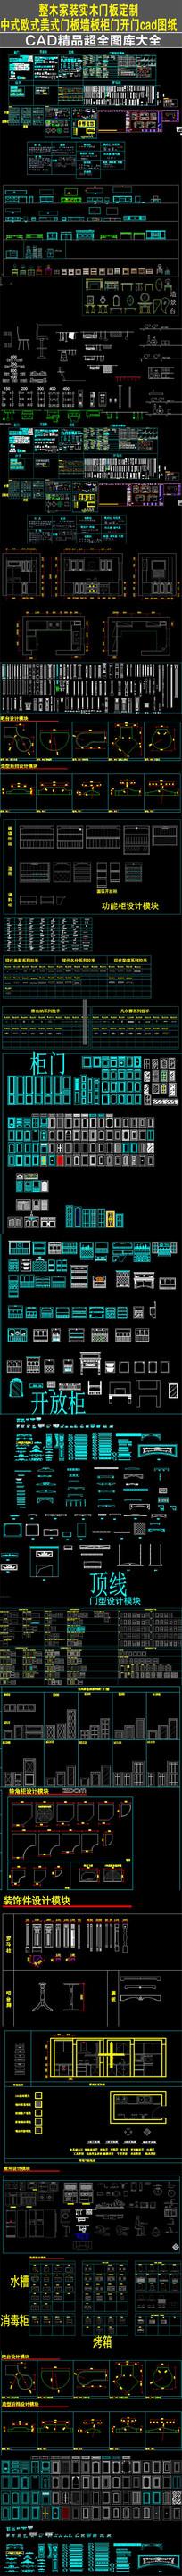 柜门门板厨房用品CAD dwg